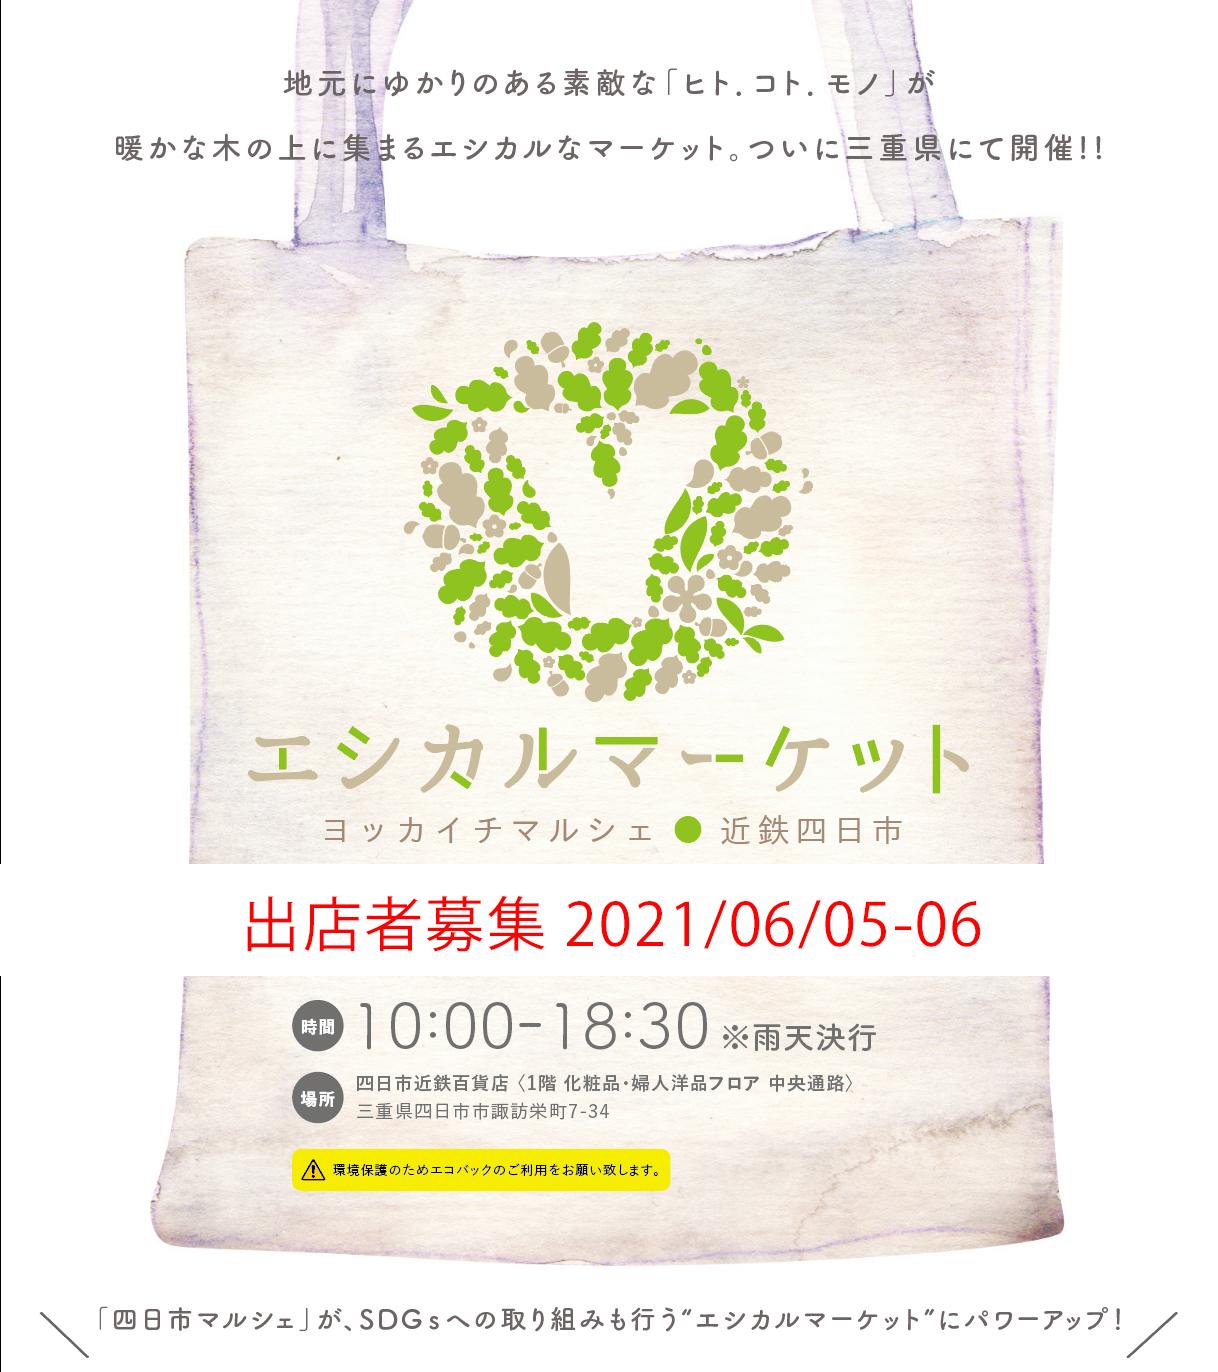 エシカルマーケット ヨッカイチマルシェ @近鉄百貨店四日市店